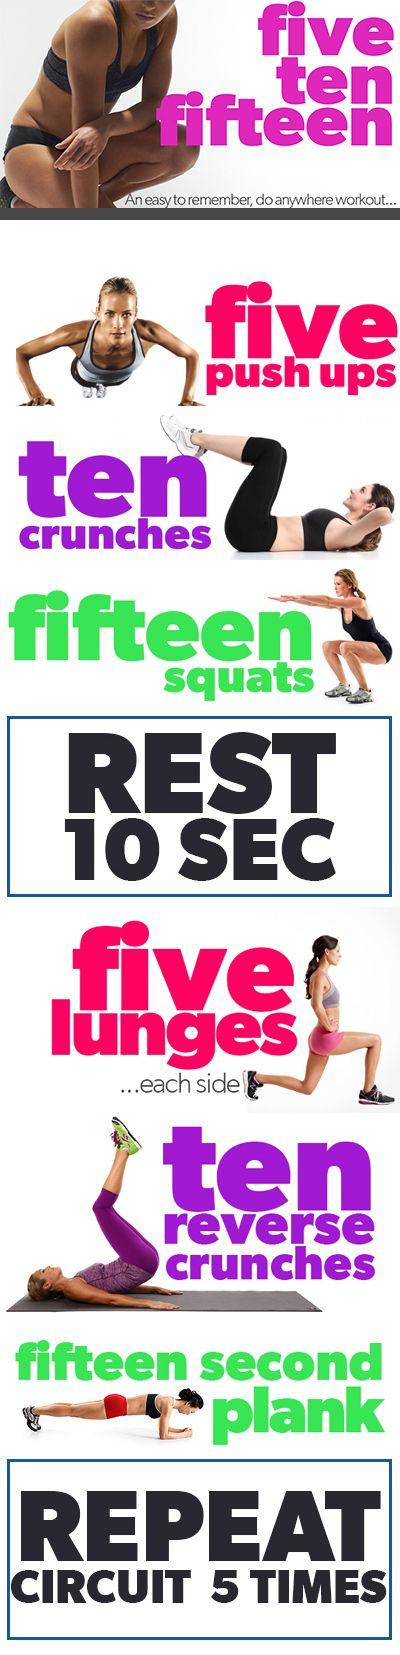 five-ten-fifteen-circuit-workout